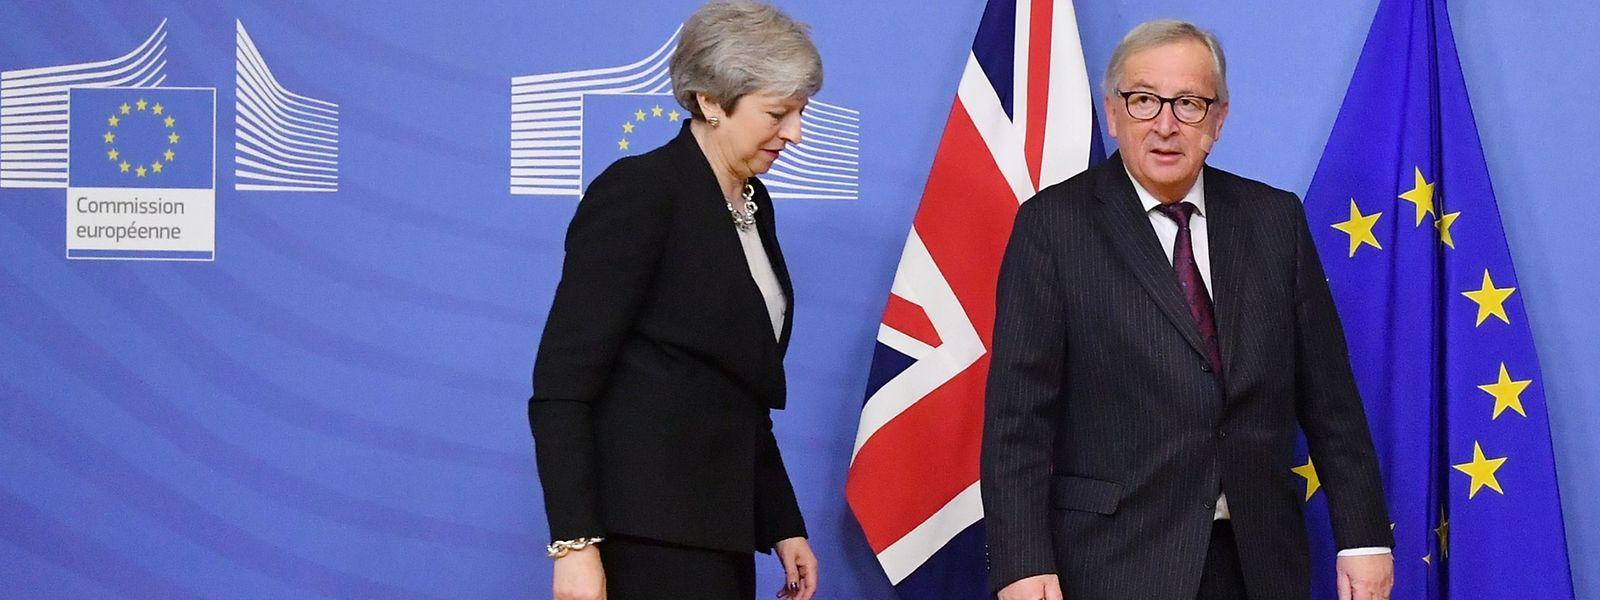 Le président de la Commission européenne Jean-Claude Juncker et la Première ministre britannique Theresa May se sont entretenus à Bruxelles mercredi.